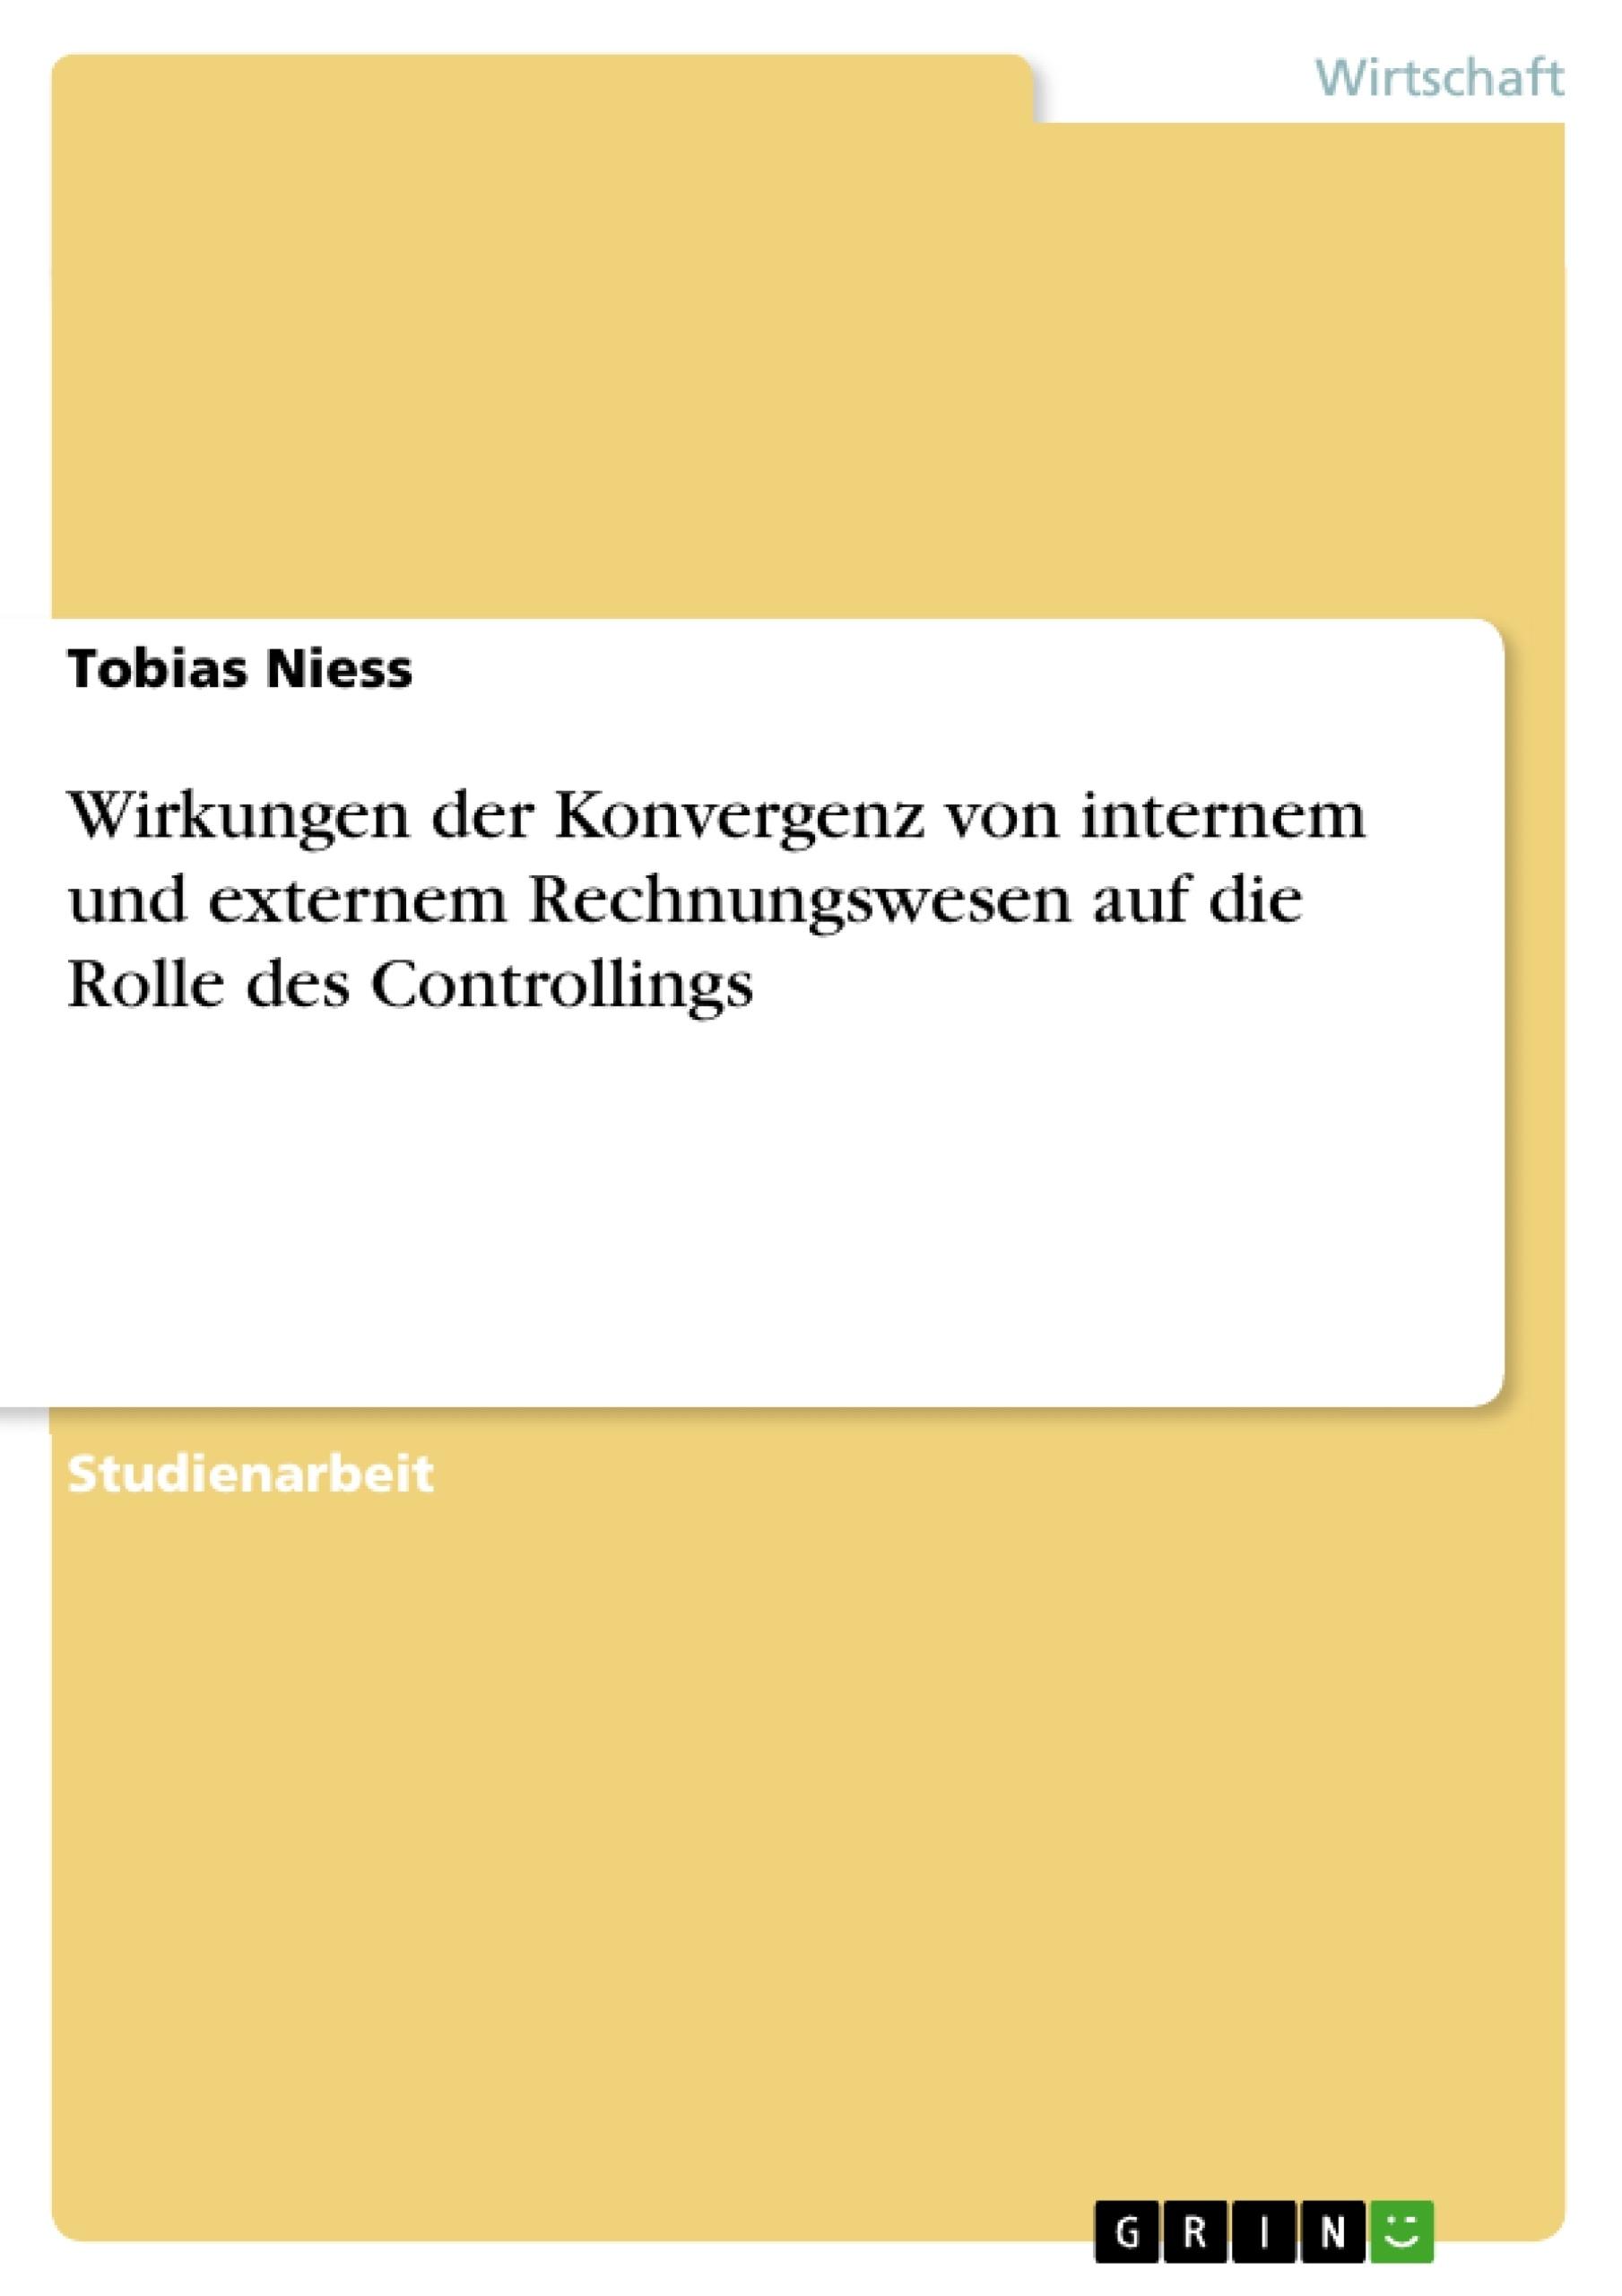 Titel: Wirkungen der Konvergenz von internem und externem Rechnungswesen auf die Rolle des Controllings